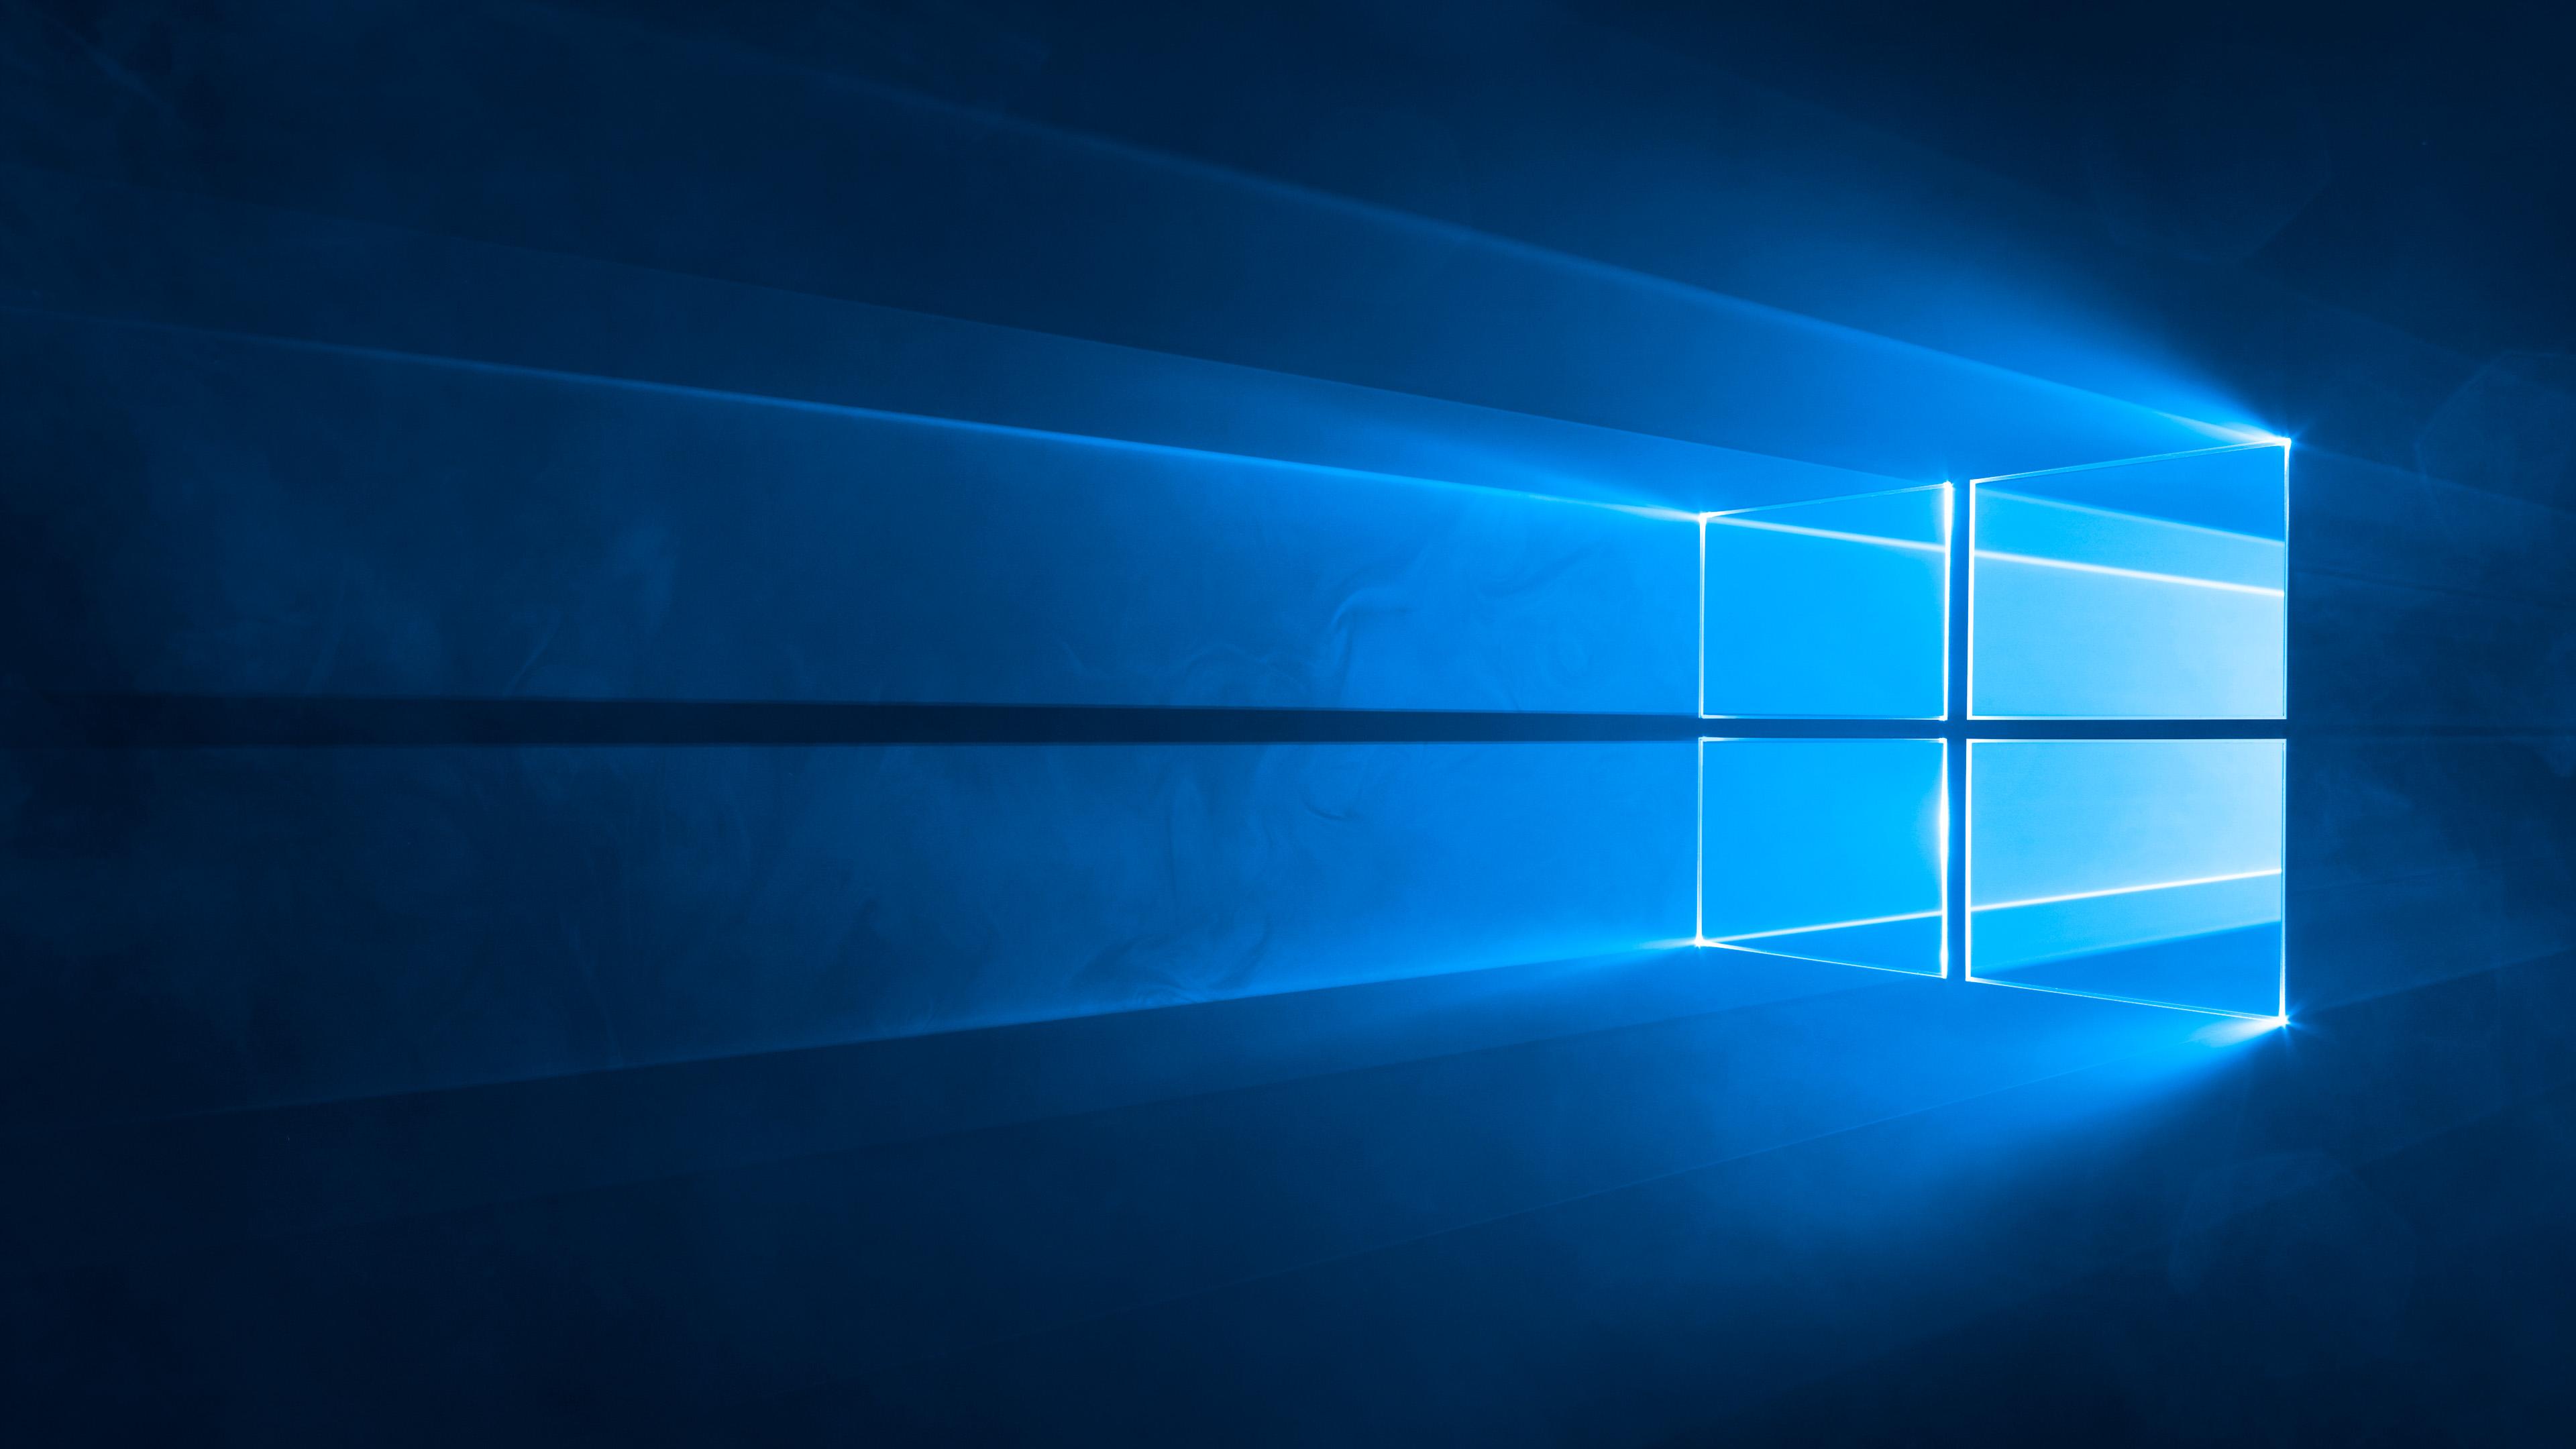 Microsoft zrobi wszystko, by wypromować Windows 10. Nawet zrezygnuje z własnych usług